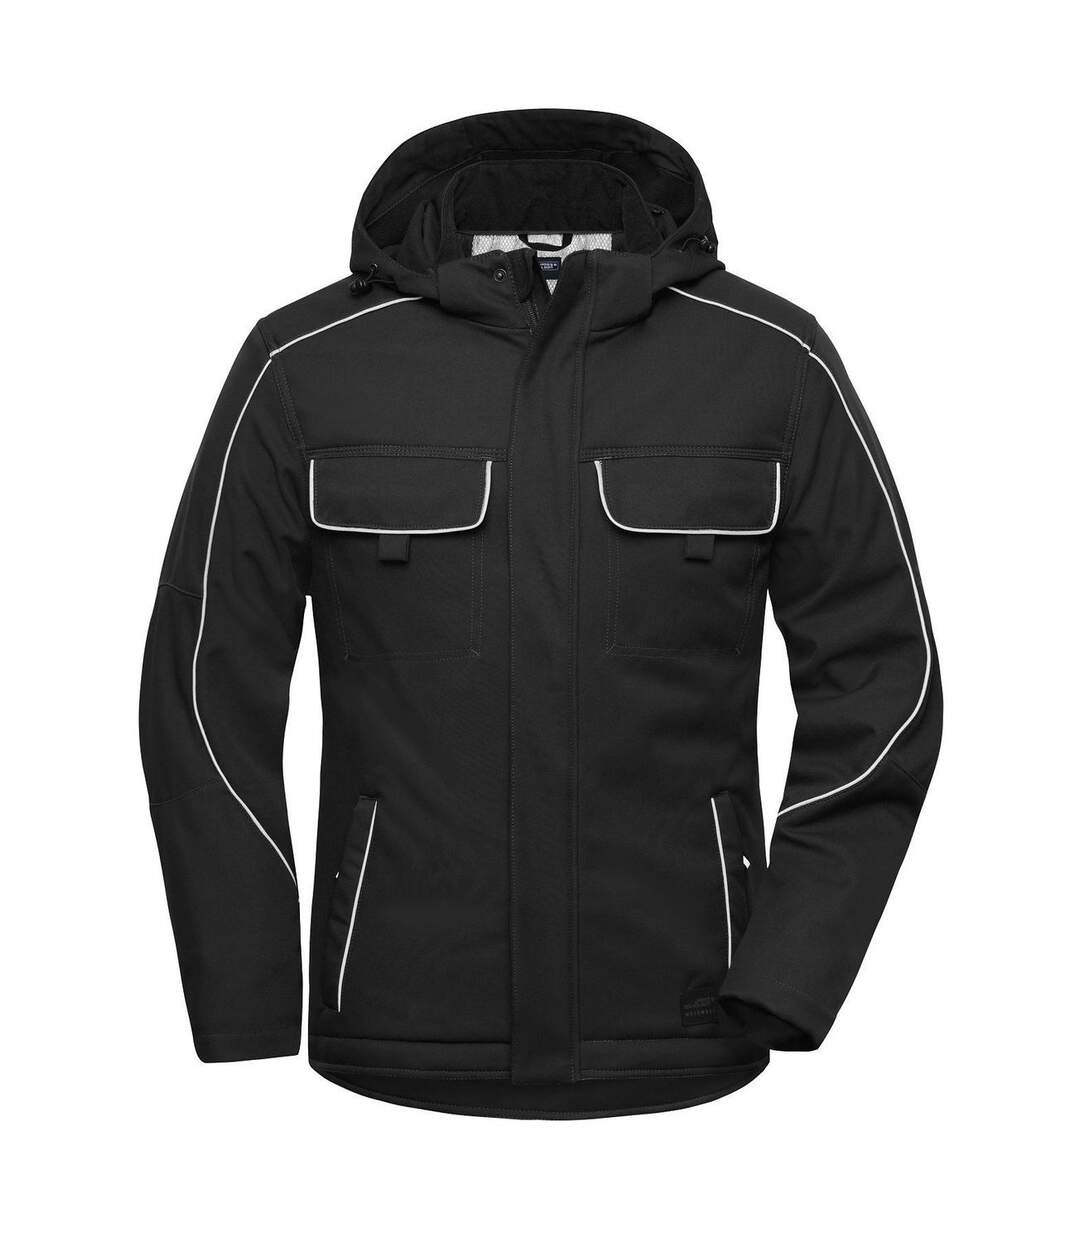 Veste blouson de travail rembourrée softshell - JN886 - noir